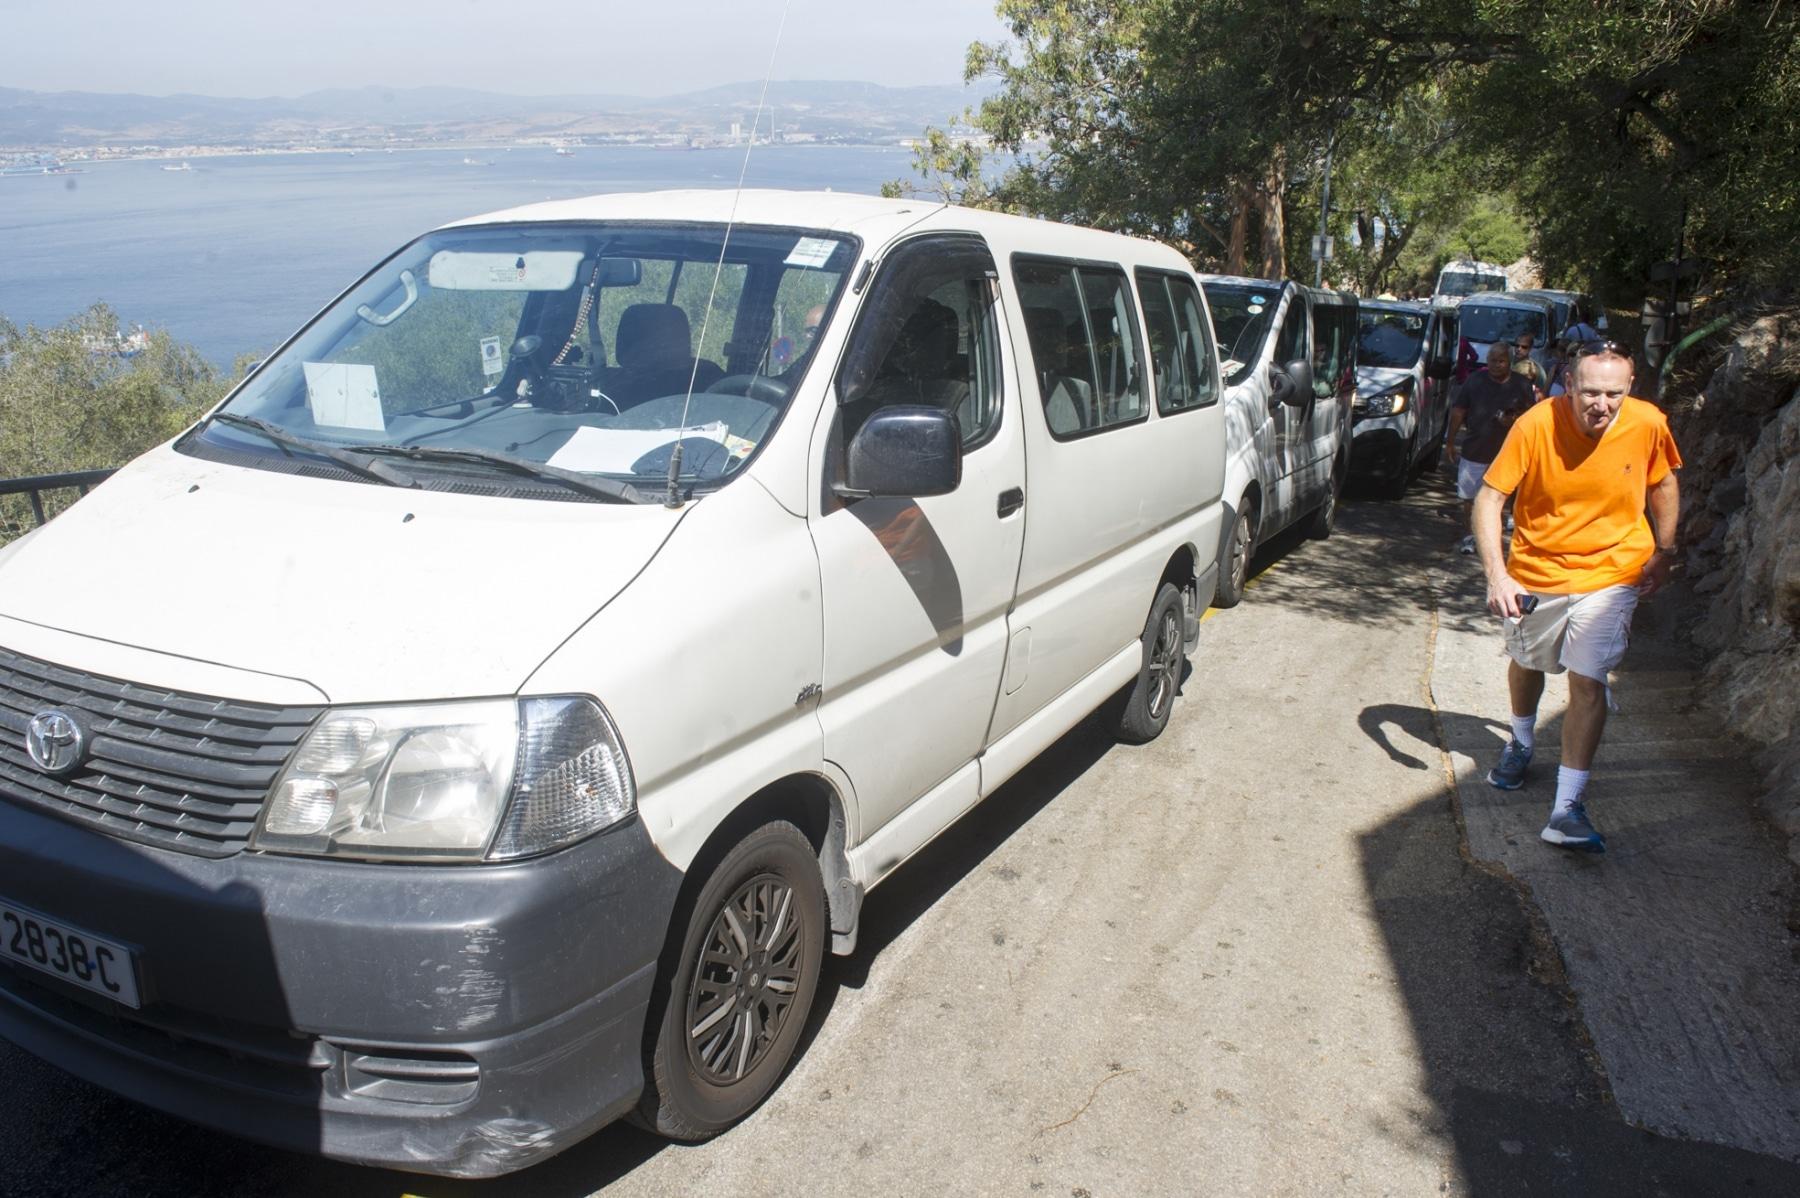 turismo-en-gibraltar-092015-483_22731476382_o